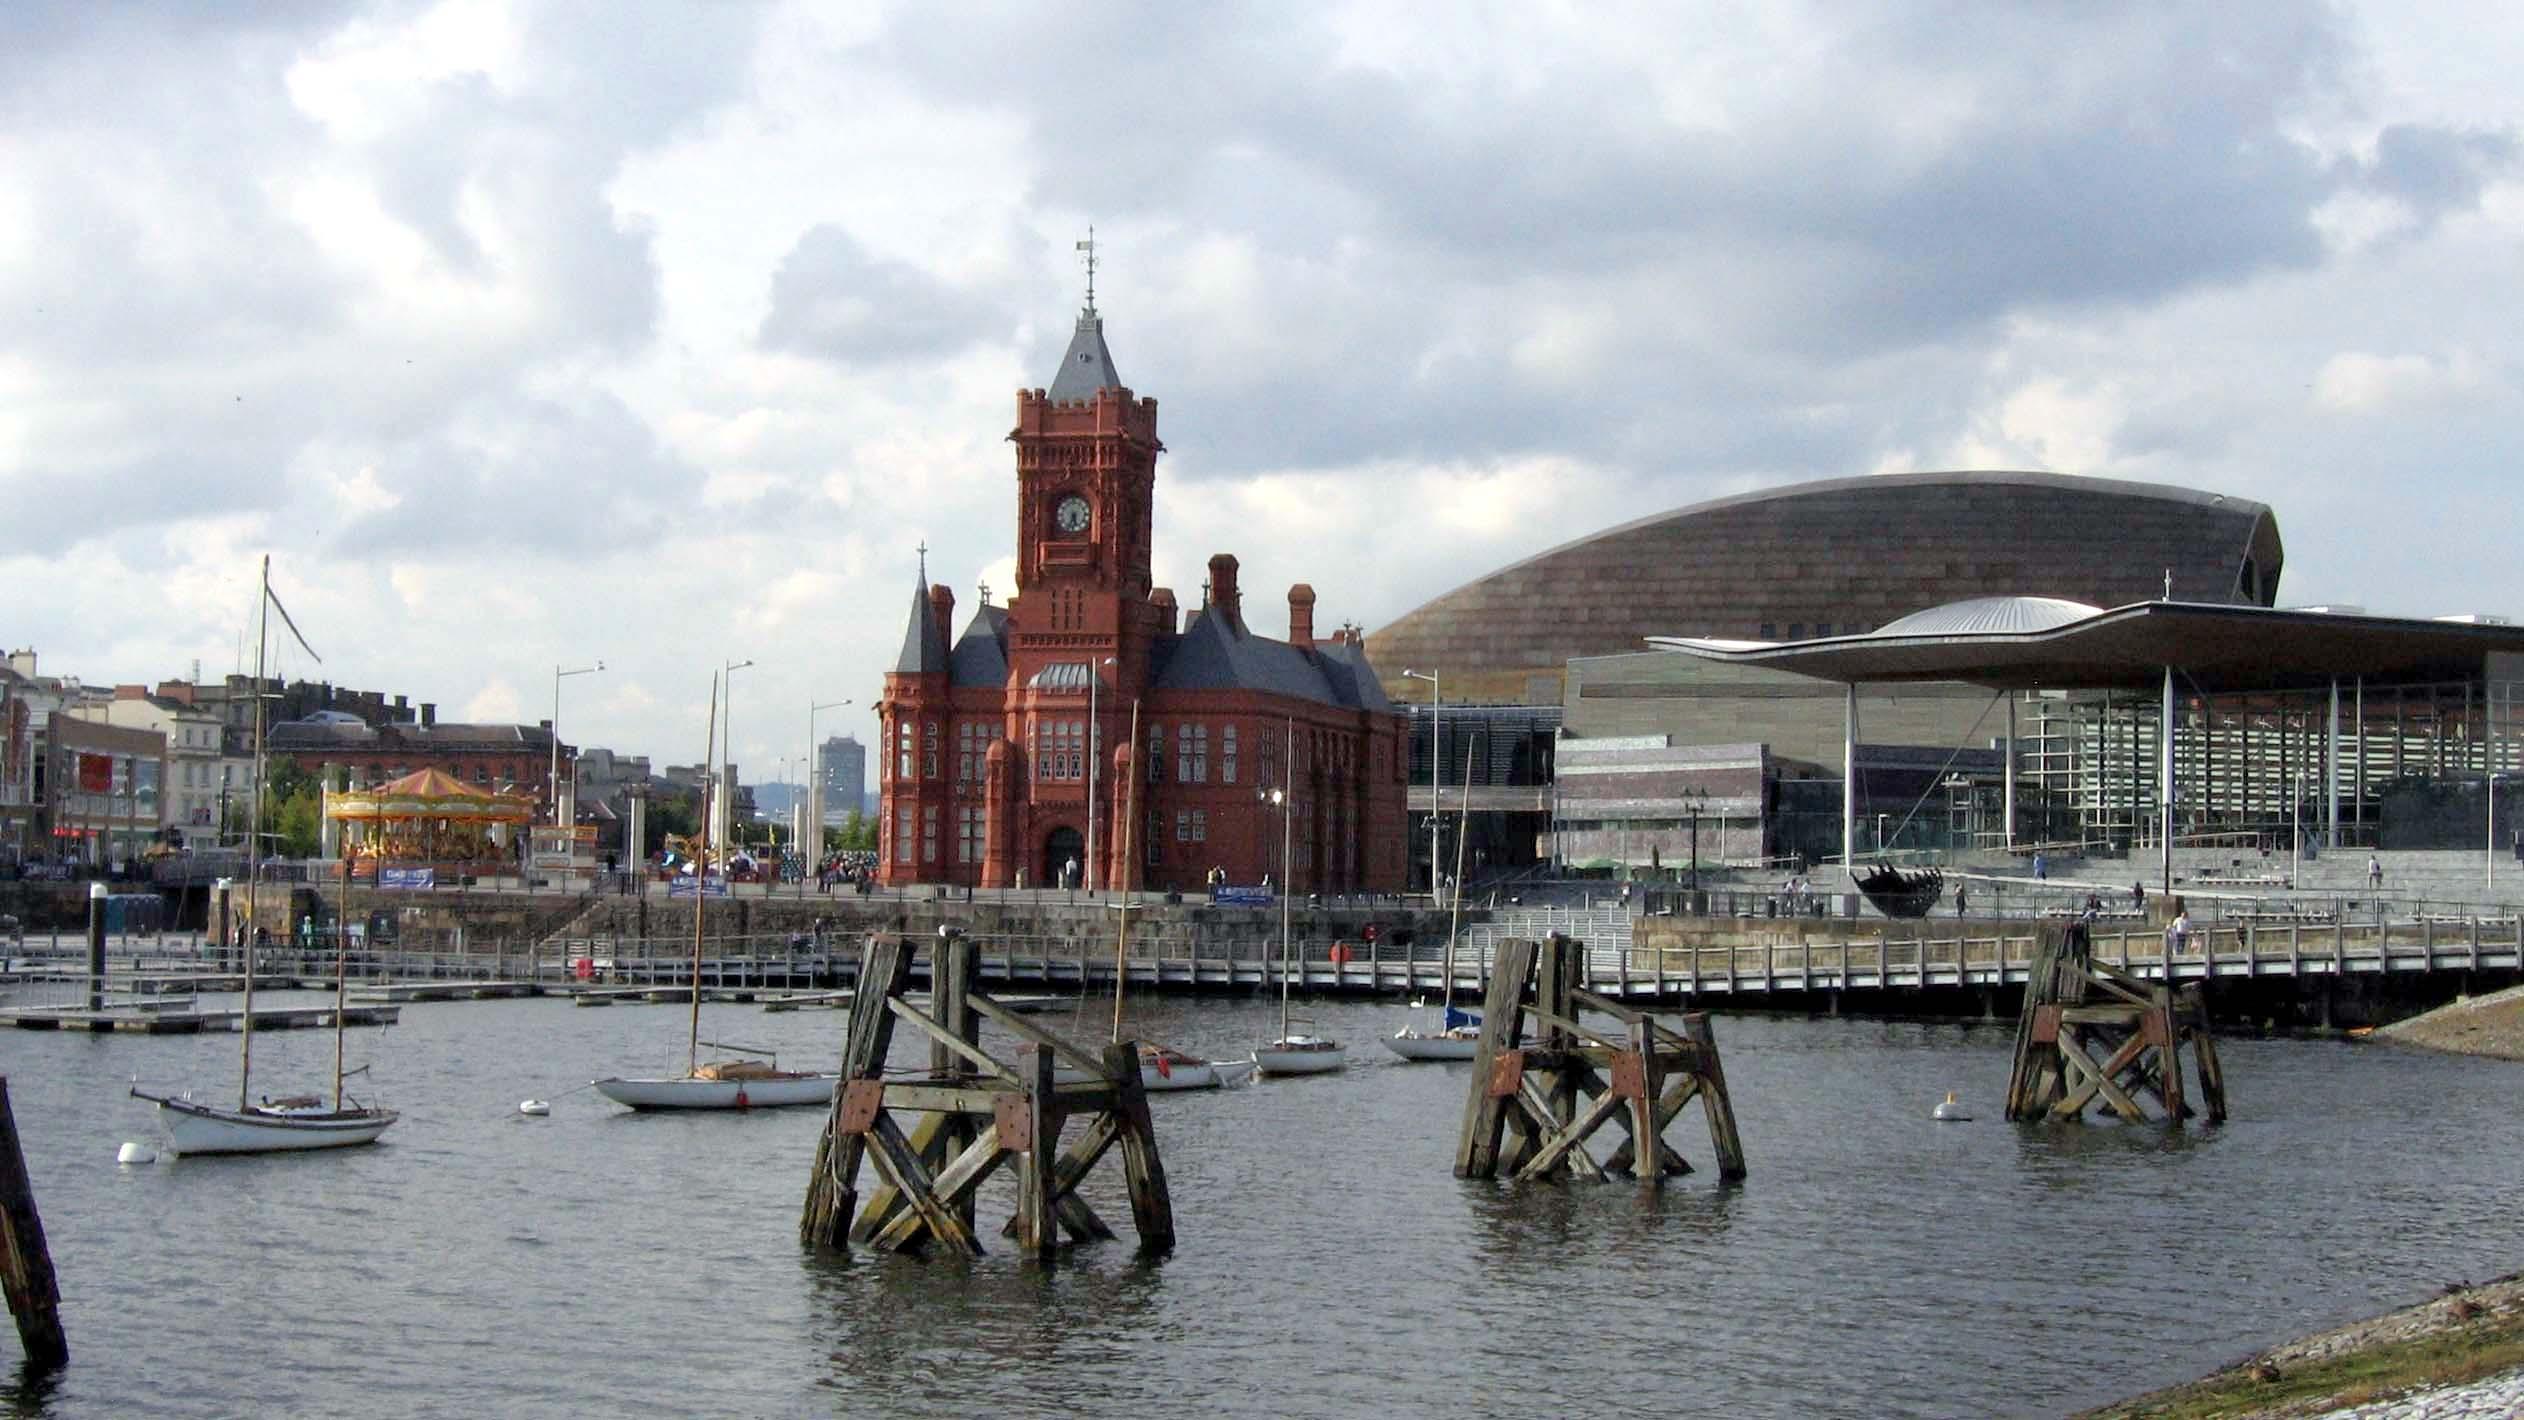 Habitantes españoles en Cardiff y el mundo: Población que habla inglés como españoles en Cardiff